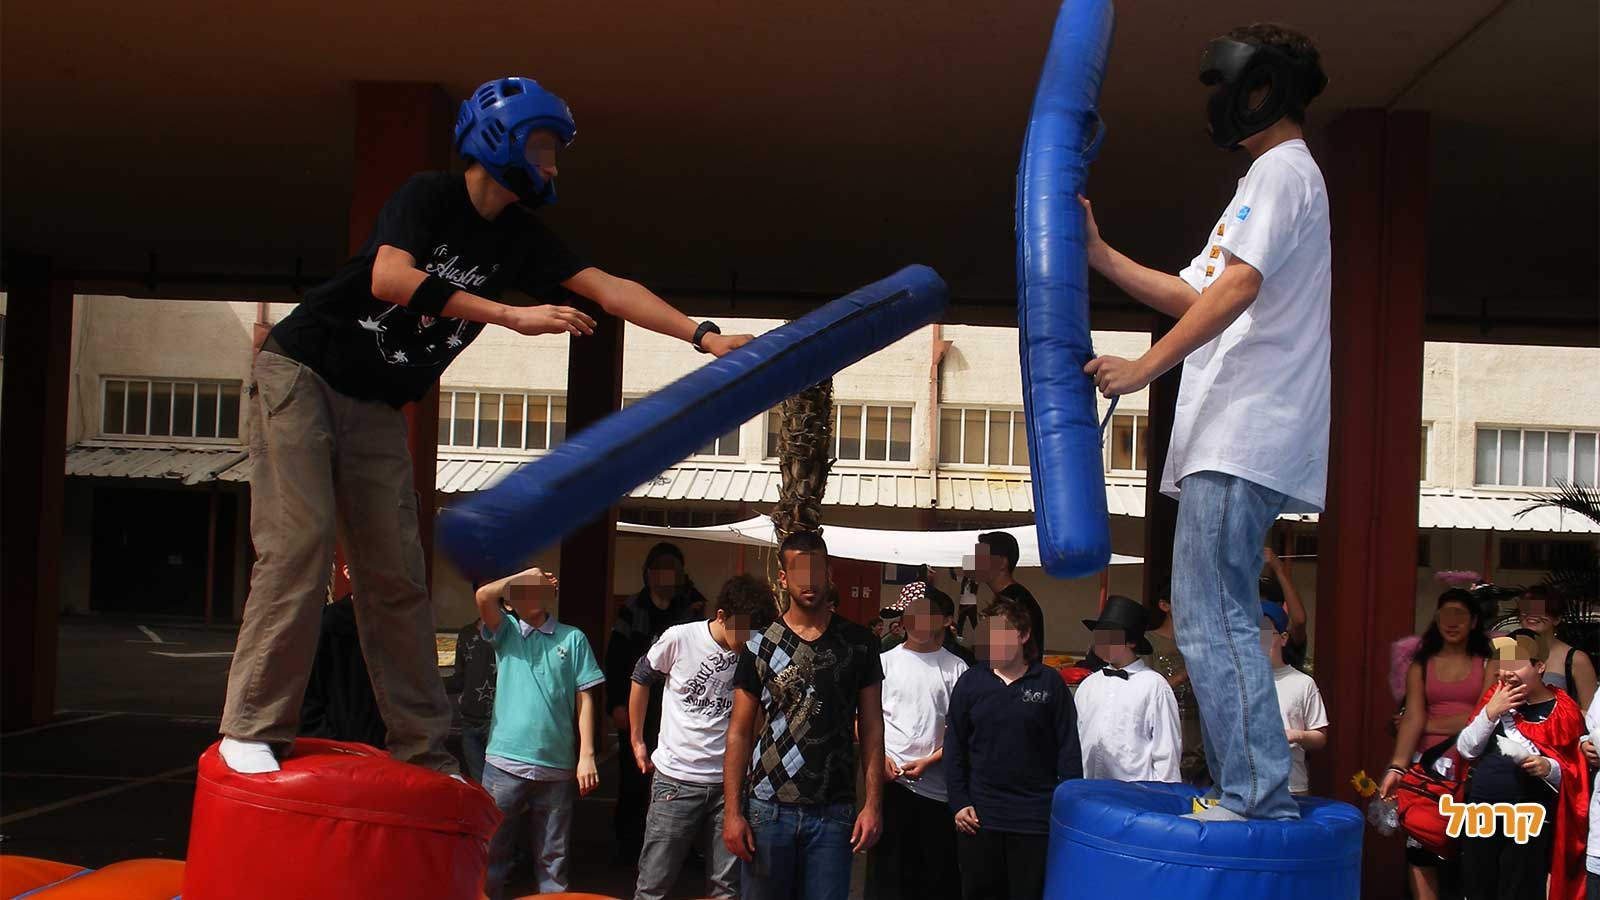 פעילויות מהנות לילדים - סינרקידס - 073-7026534